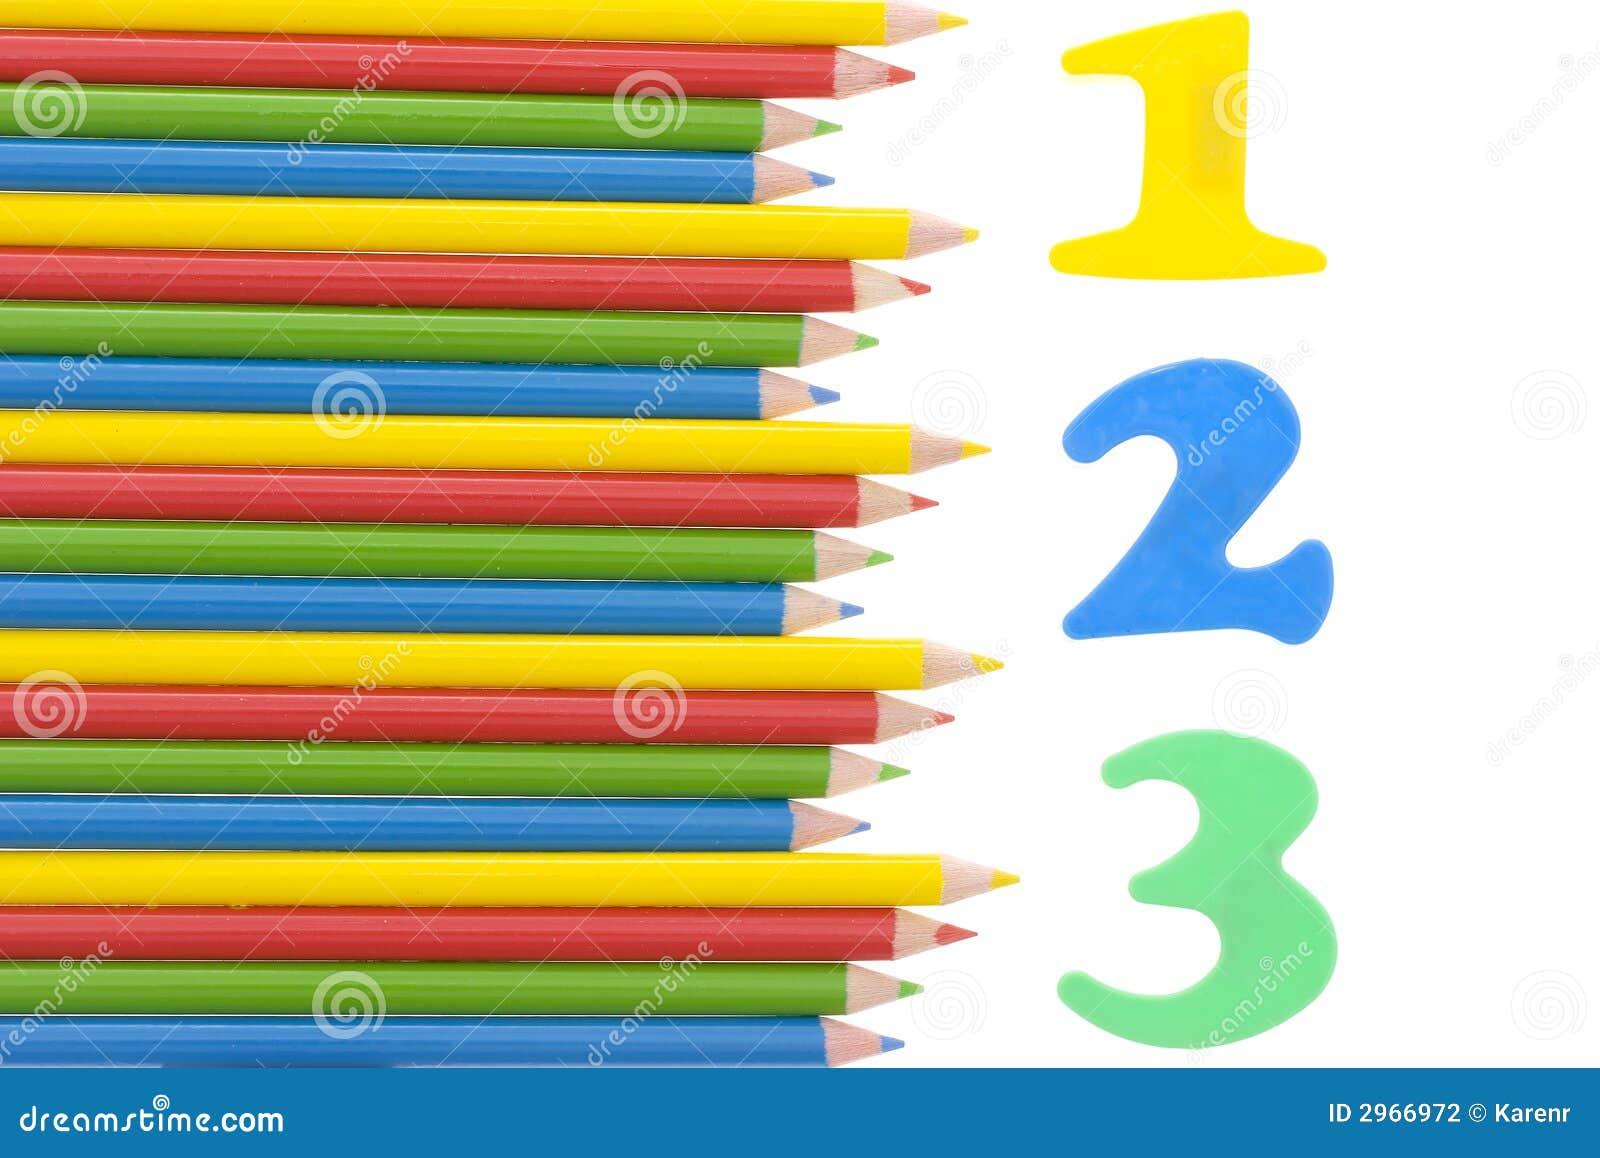 Los números con un color dibujaron a lápiz